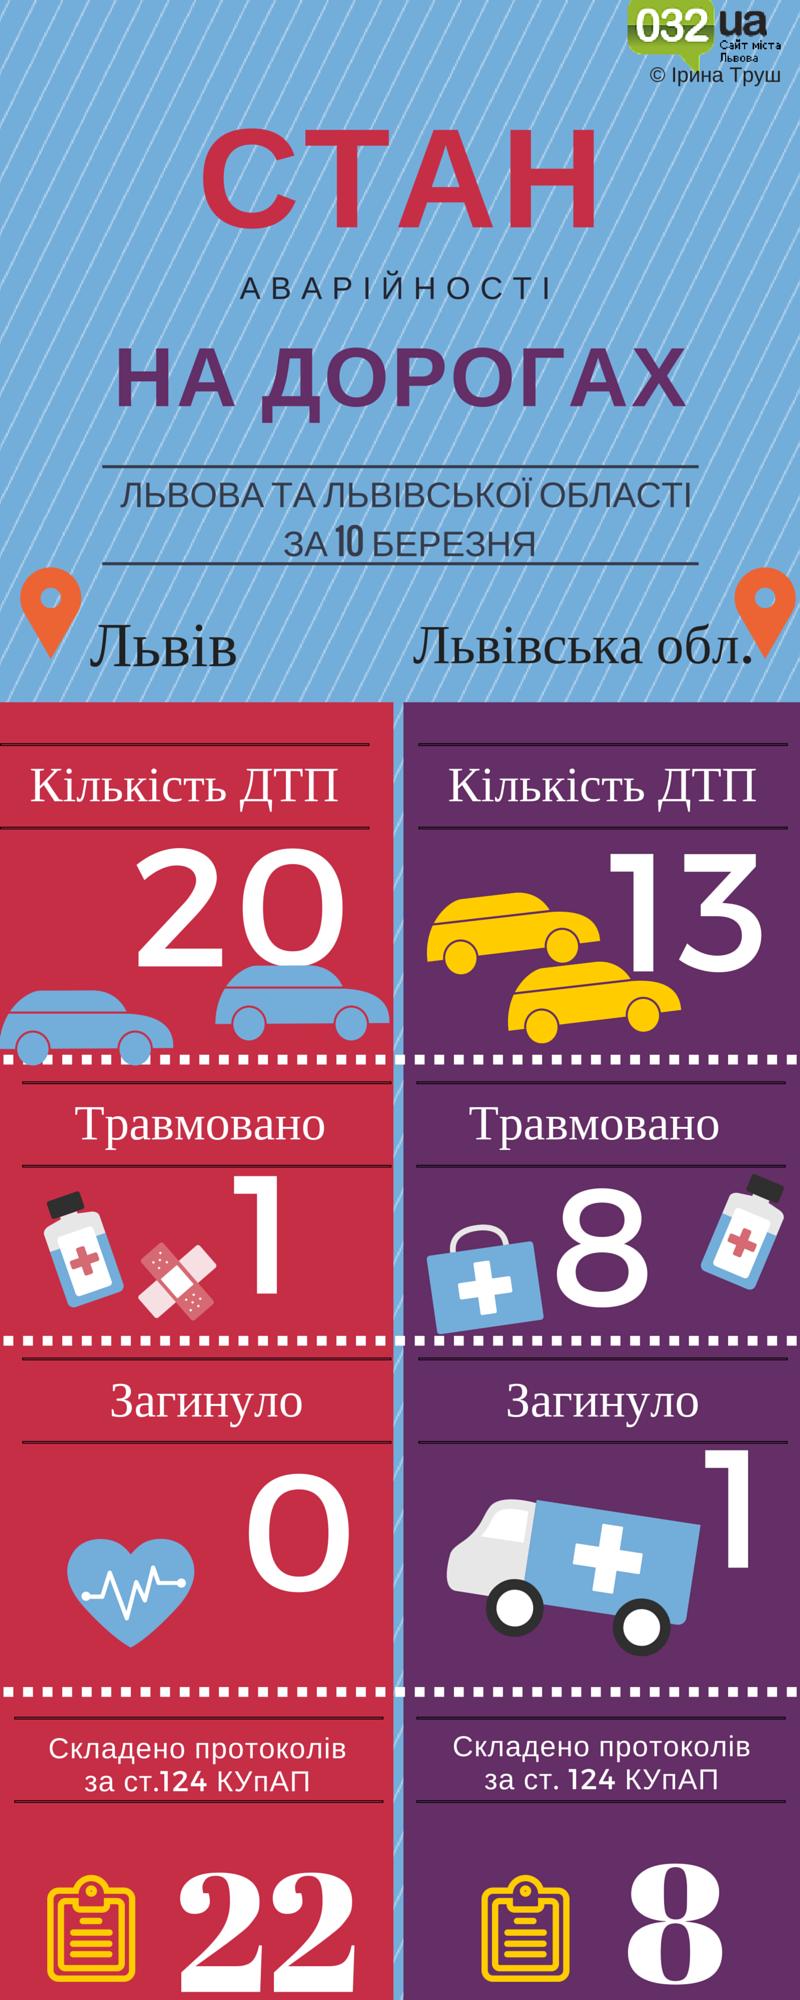 статистика по аваріях )